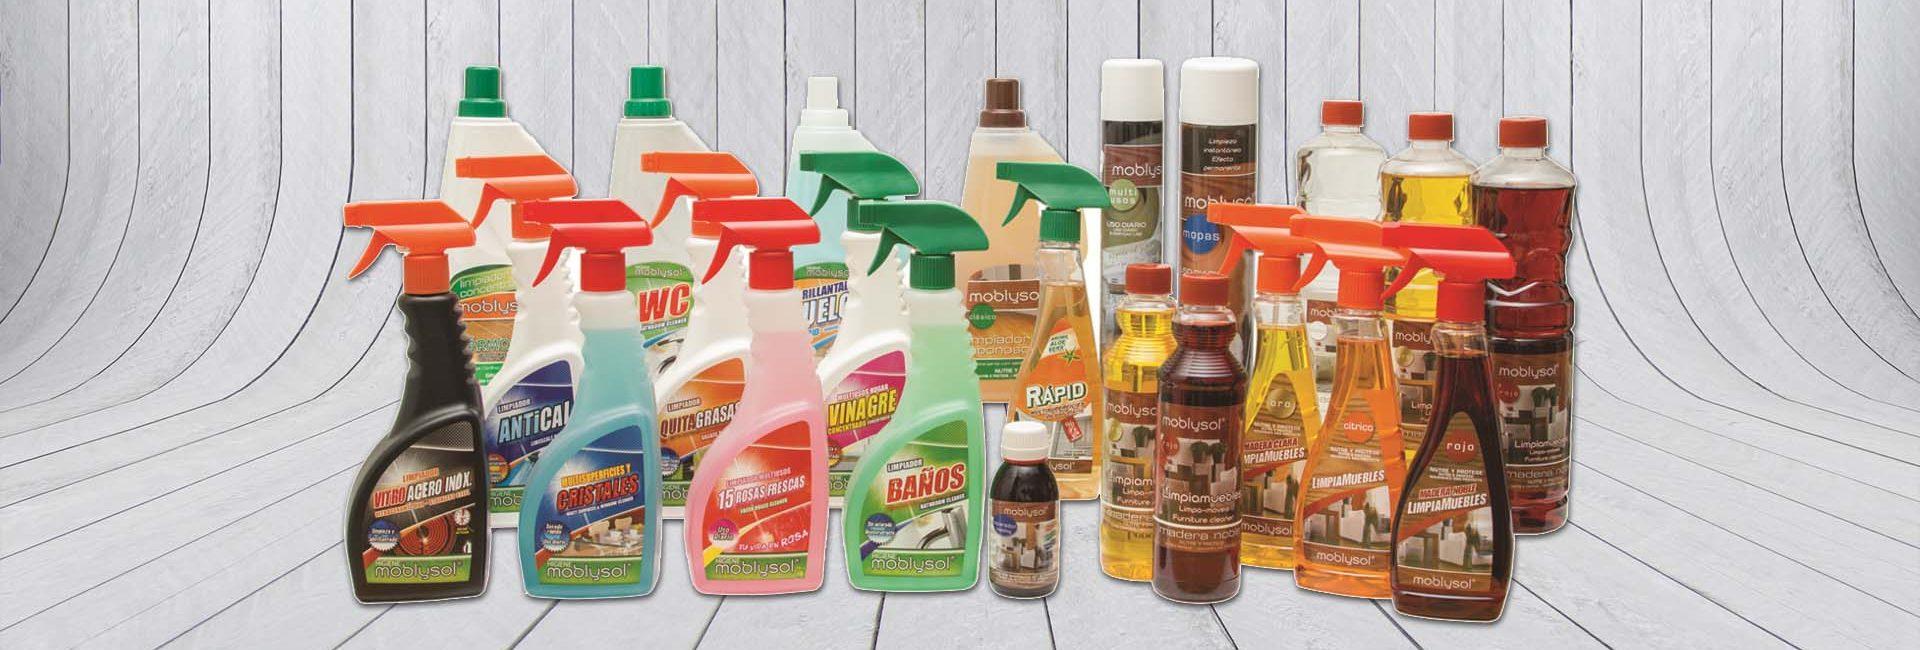 familia-de-productos-moblysol-2